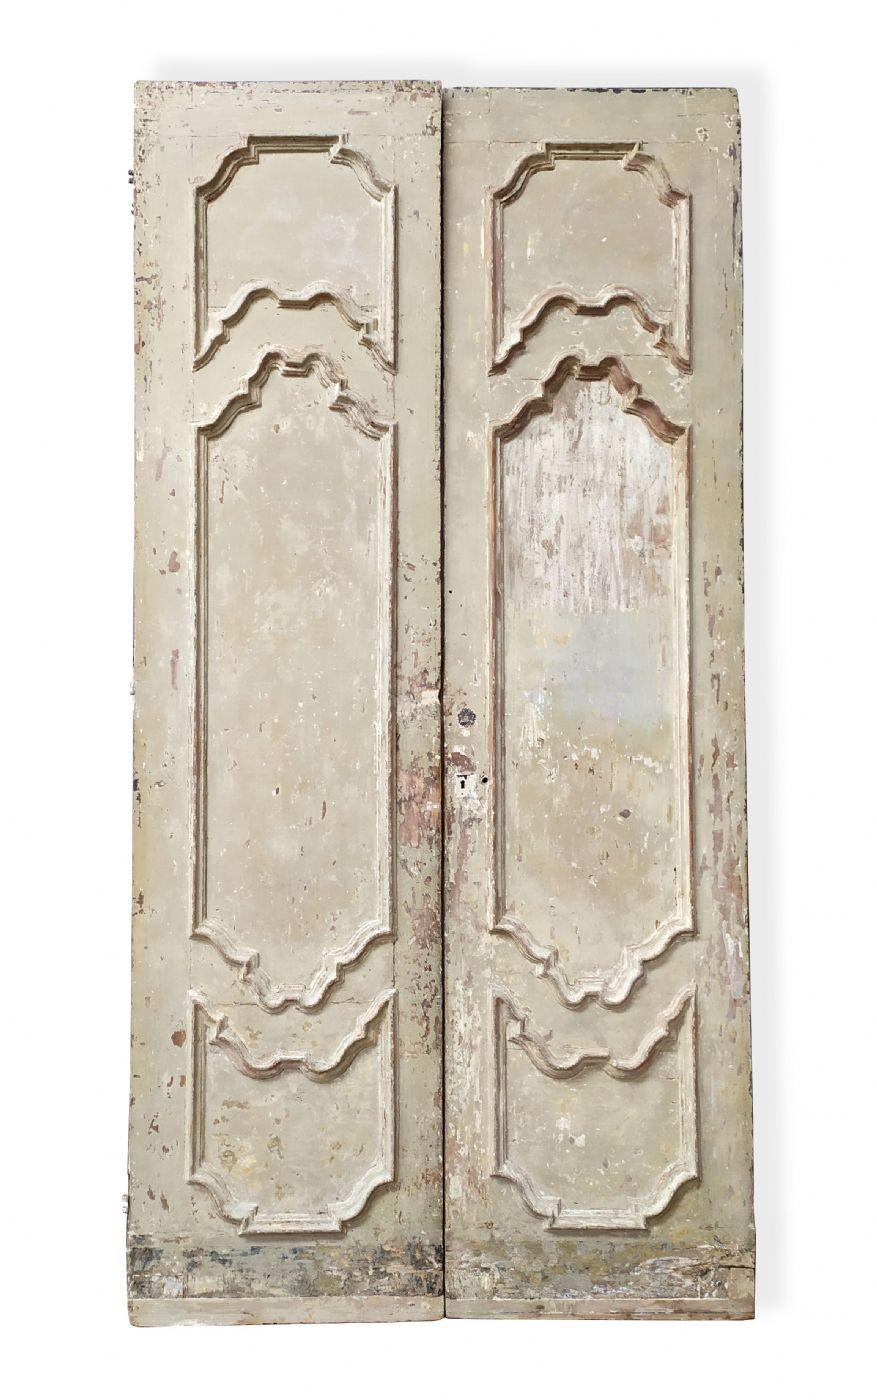 Foto Di Porte Antiche una di tre porte antiche laccate. epoca 1700. | antiquariato